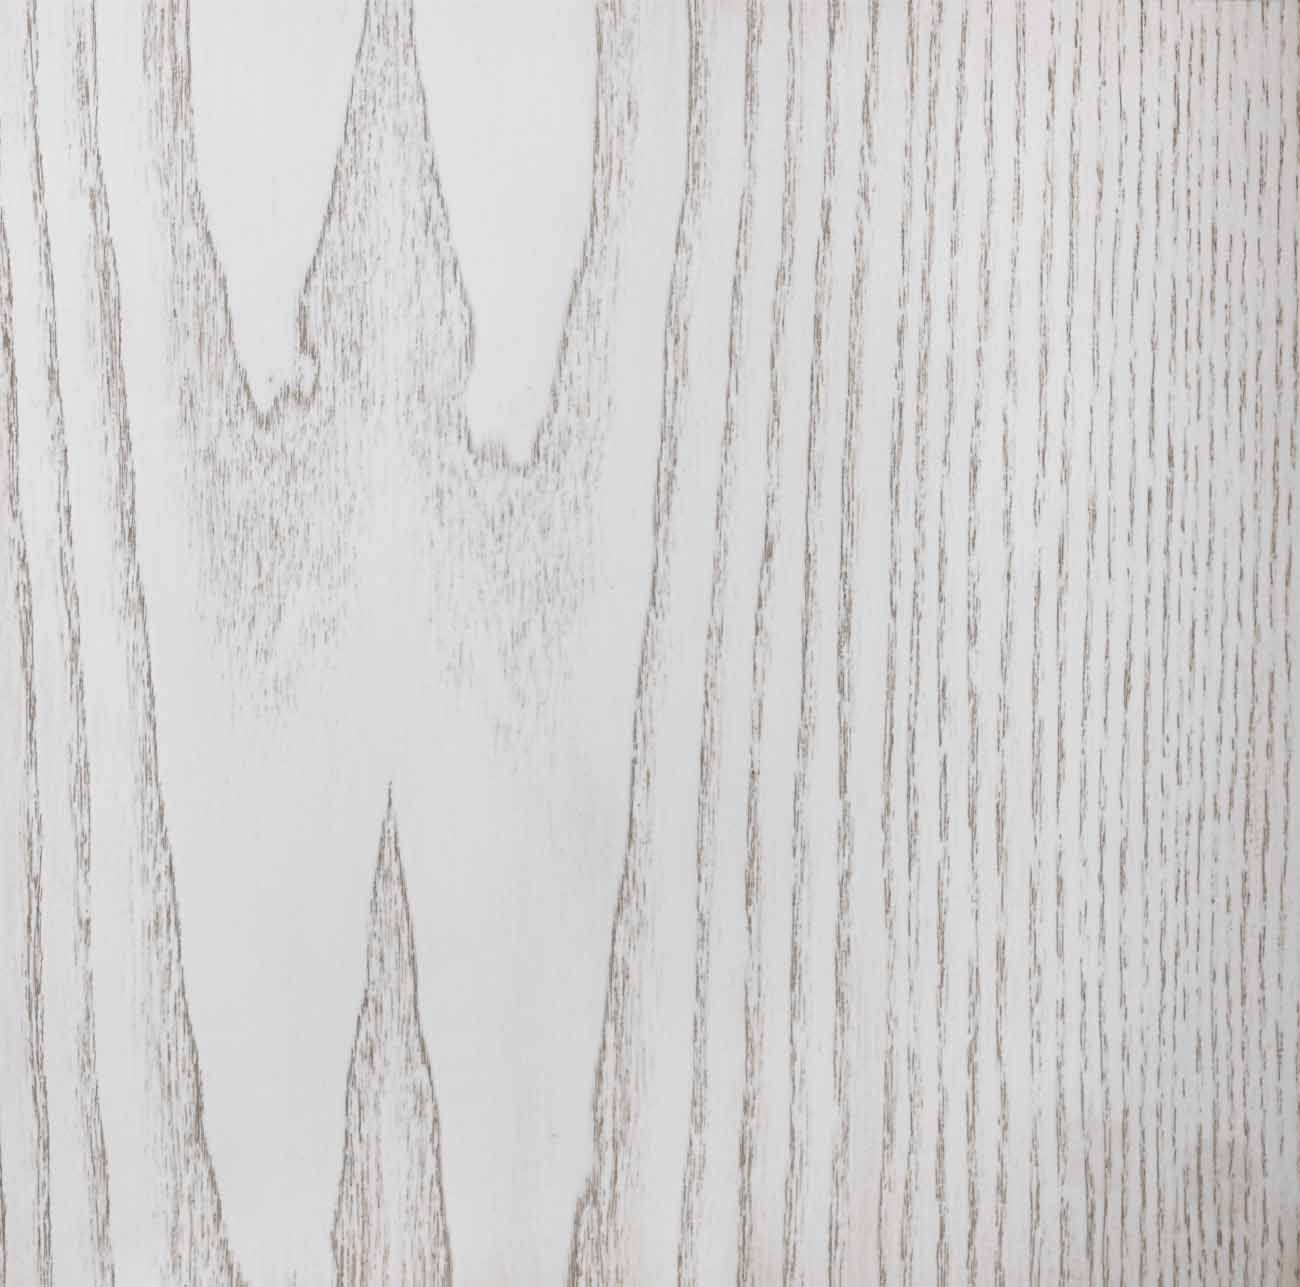 Colori per mobili colori mobili in bamb arredamento - Mobili legno bianco anticato ...